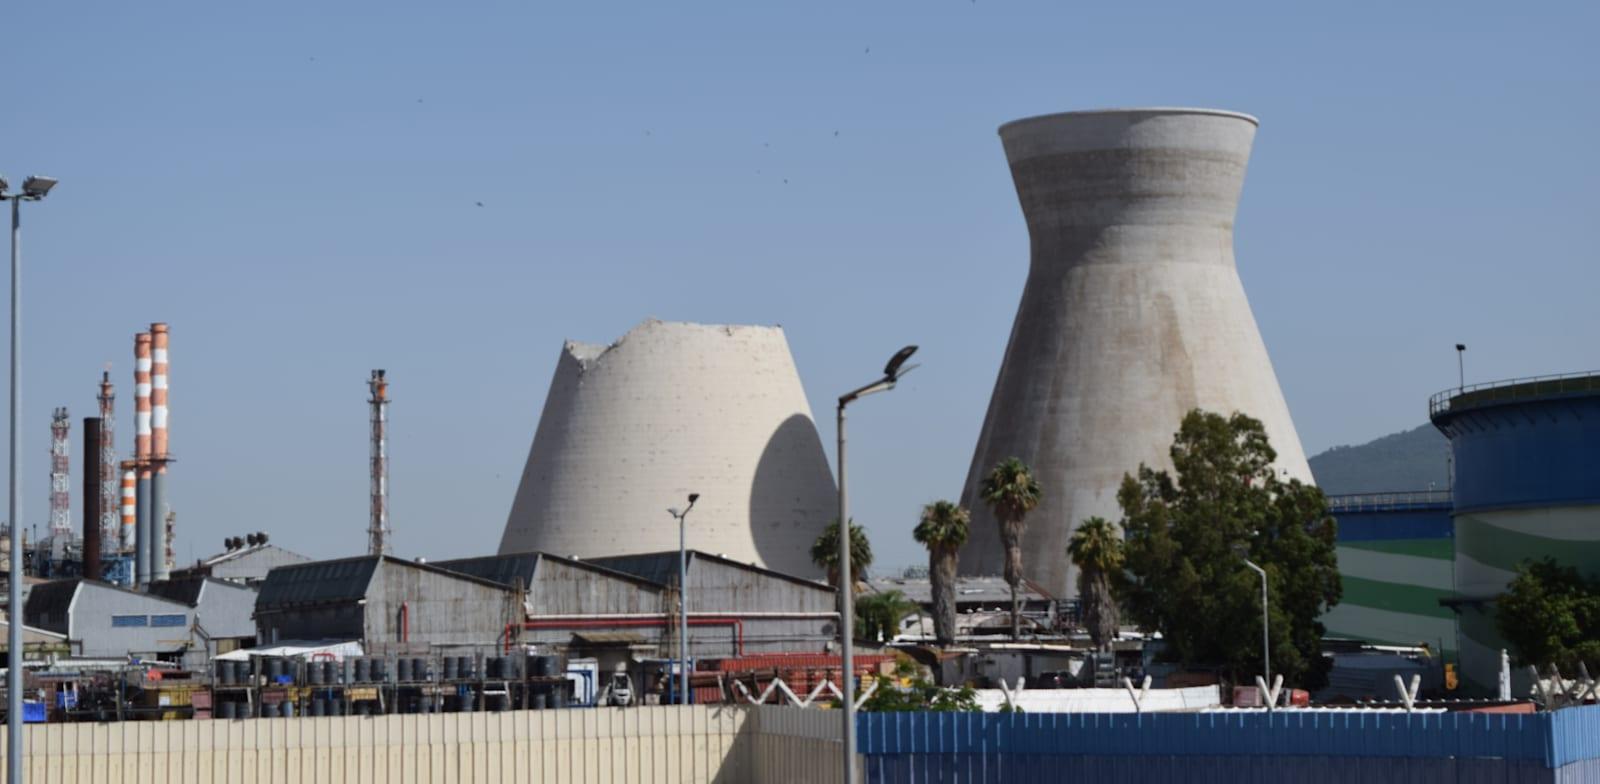 בתי הזיקוק של בזן במפרץ חיפה / צילום: בר - אל